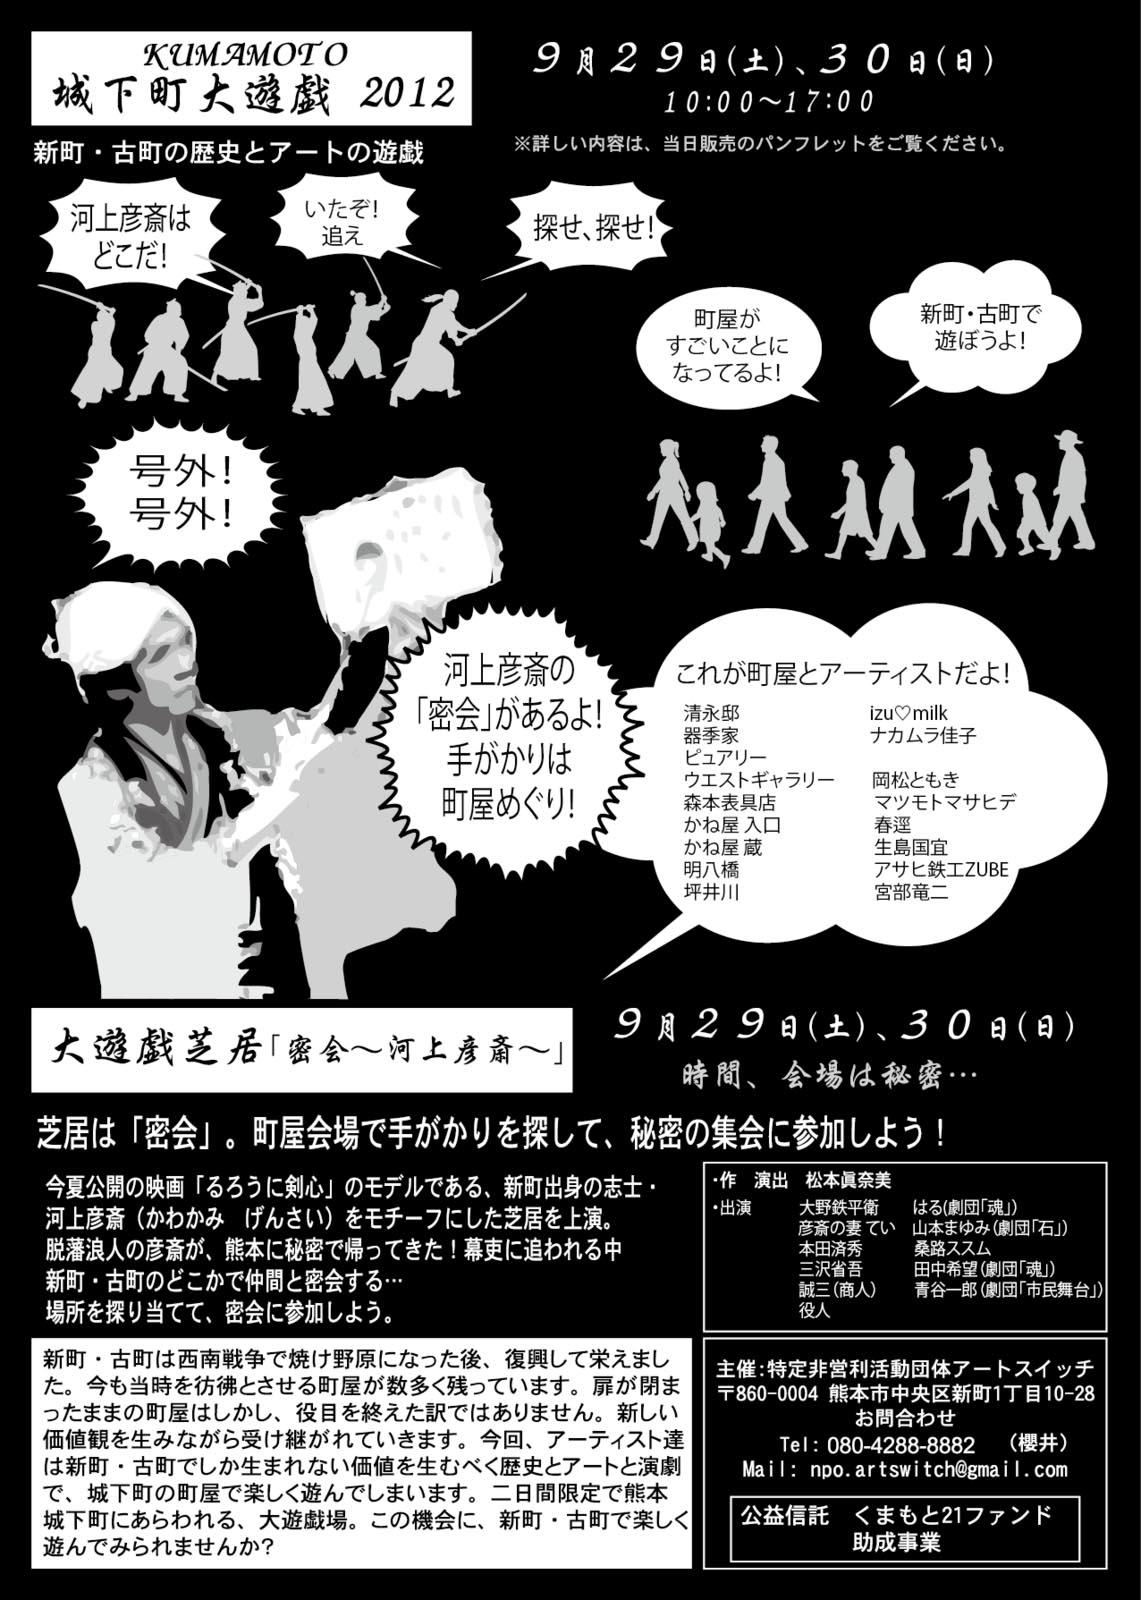 熊本 城下町大遊戯2012    (9/29〜30  10:00~17:00)_f0159642_1043345.jpg